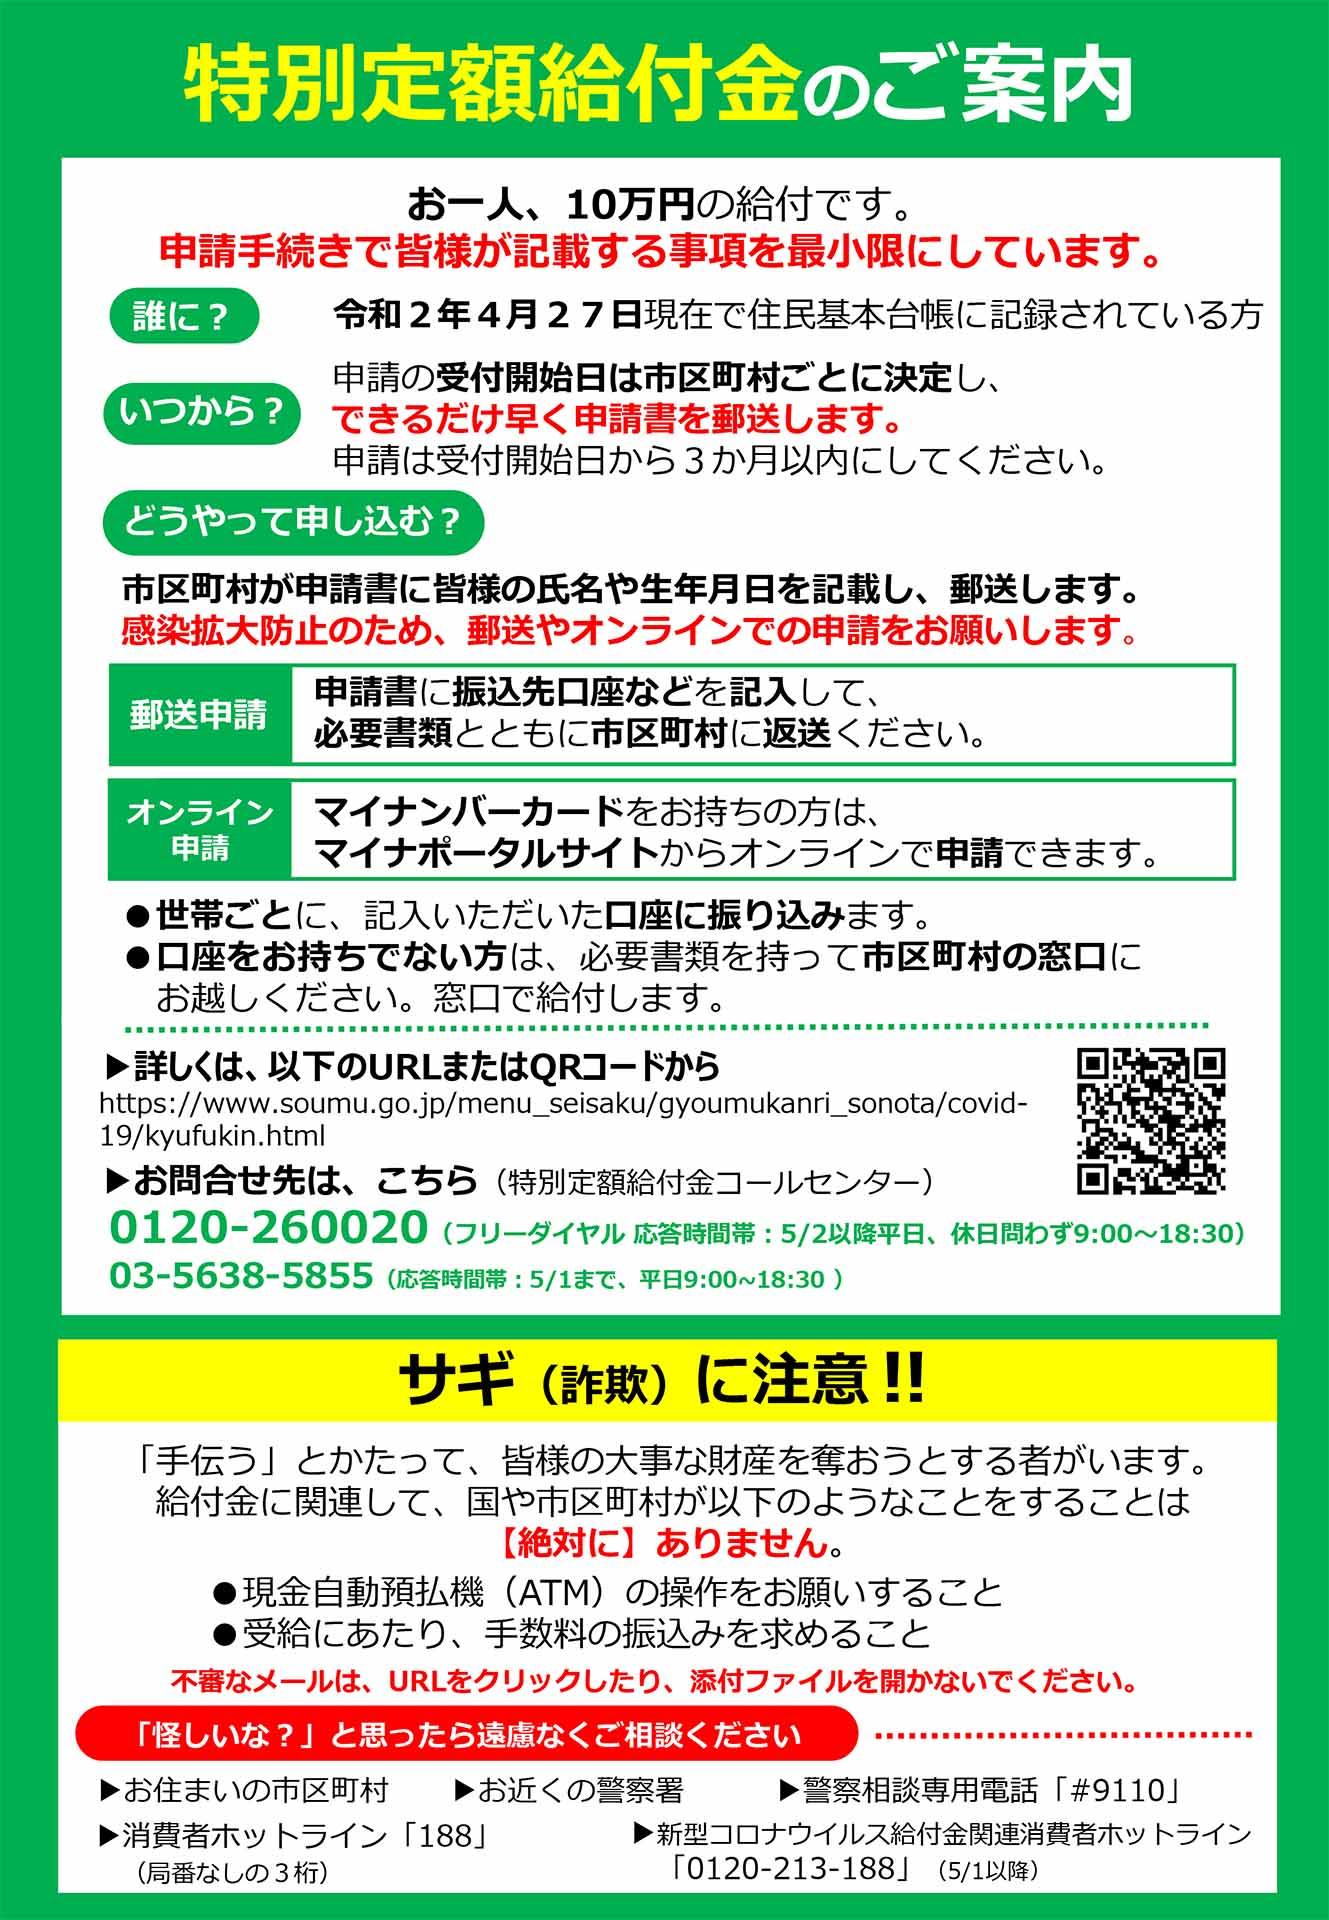 10万円の特別定額給付金、オンライン申請開始。よくある質問も更新